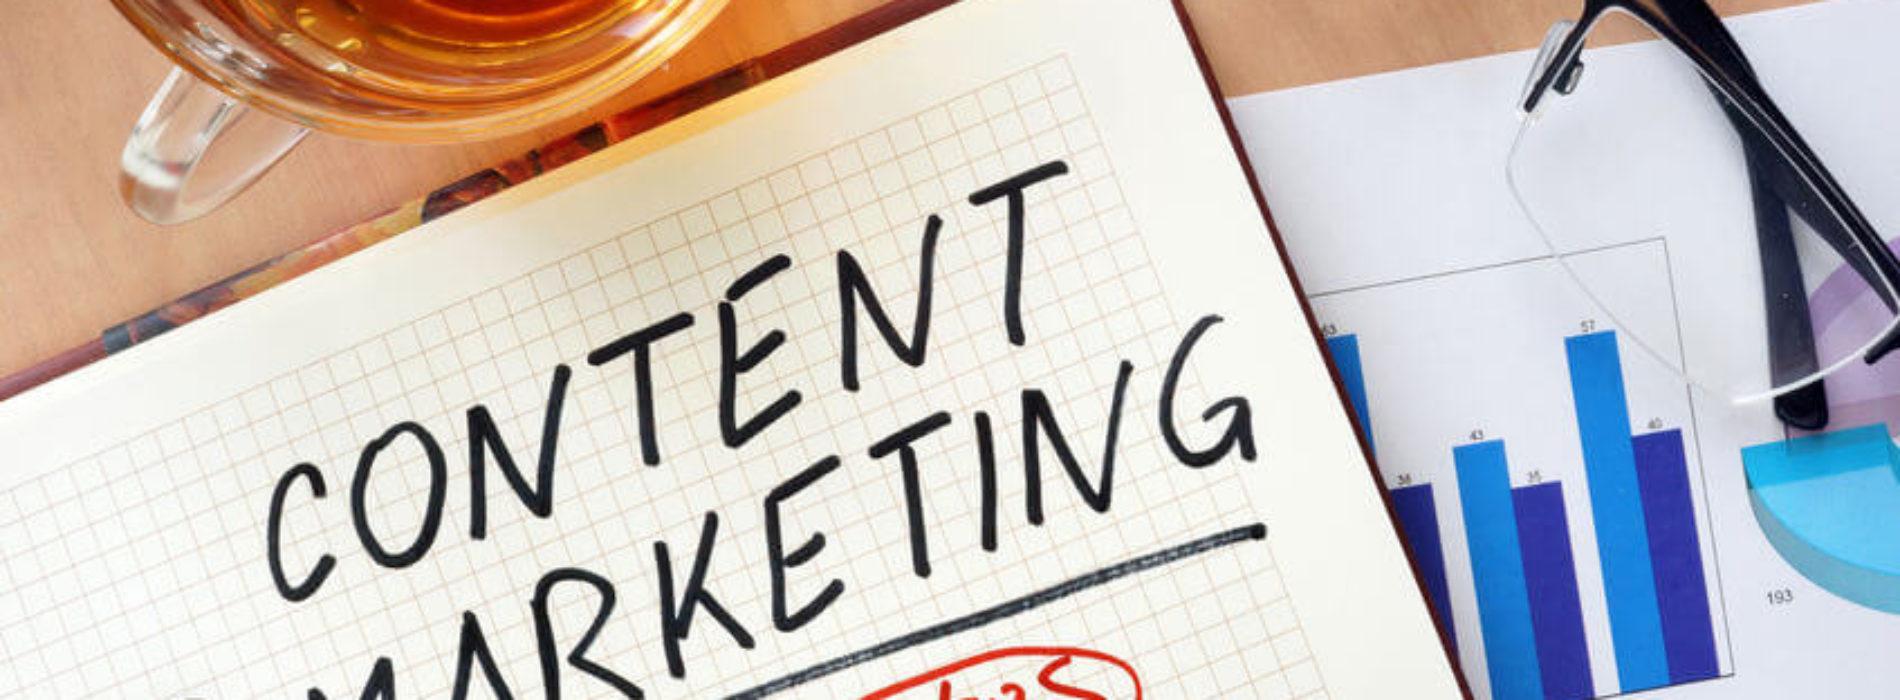 Wzrost inwestycji w oryginalne treści – czy jakościowy content wypromuje markę?